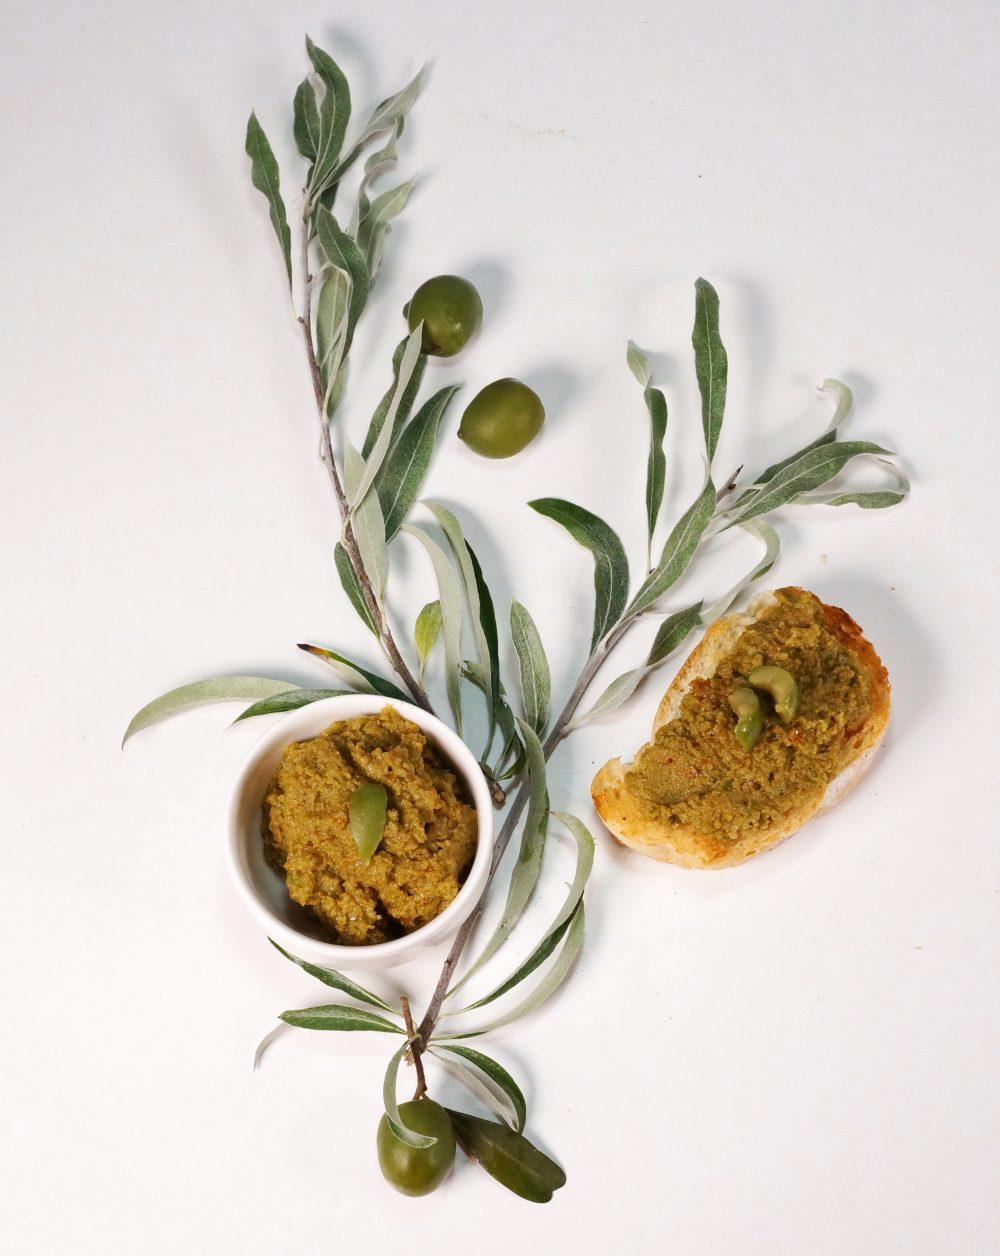 Tapenade in gruen: grueneOlivenpaste